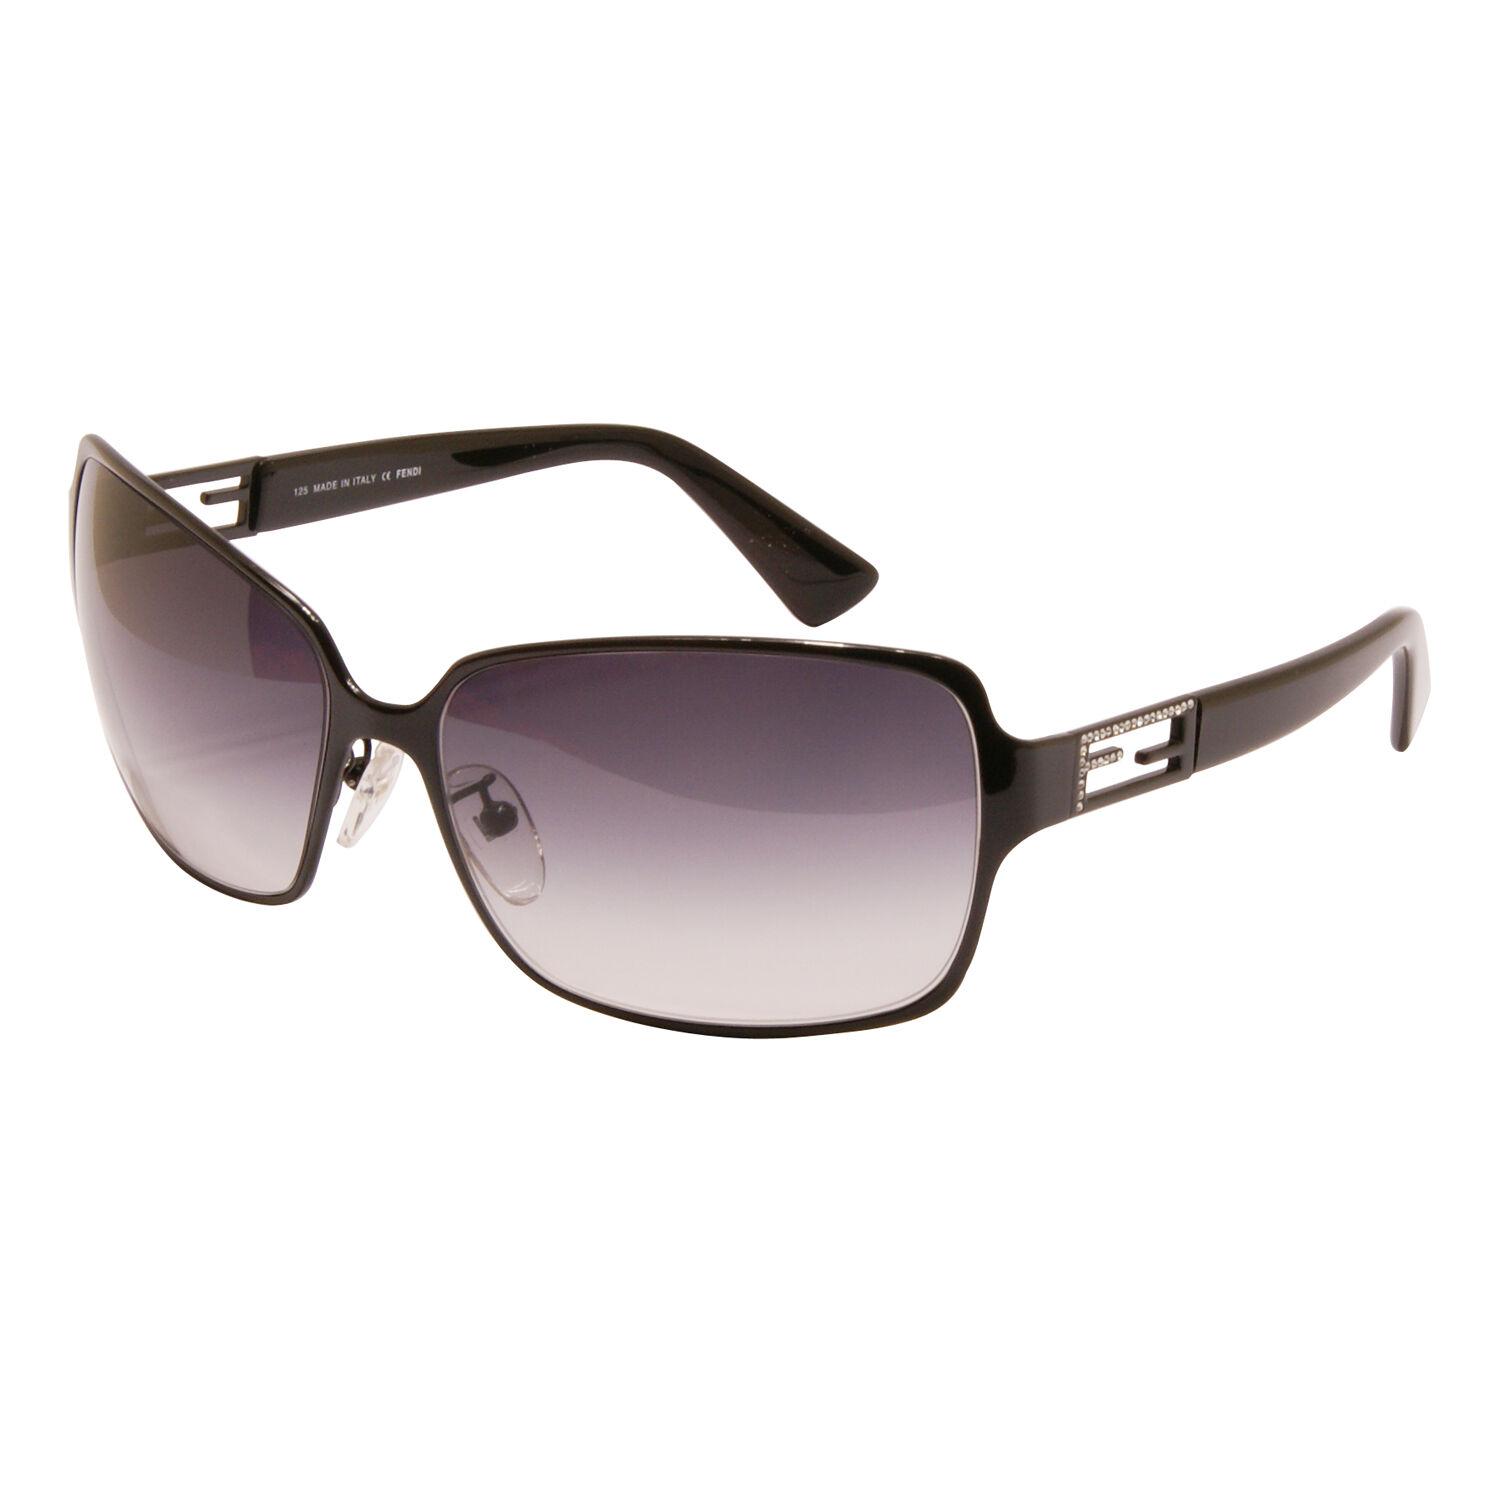 Fendi - Shiny Black Classic Style Sunglasses with Rhinestone Logo and Case